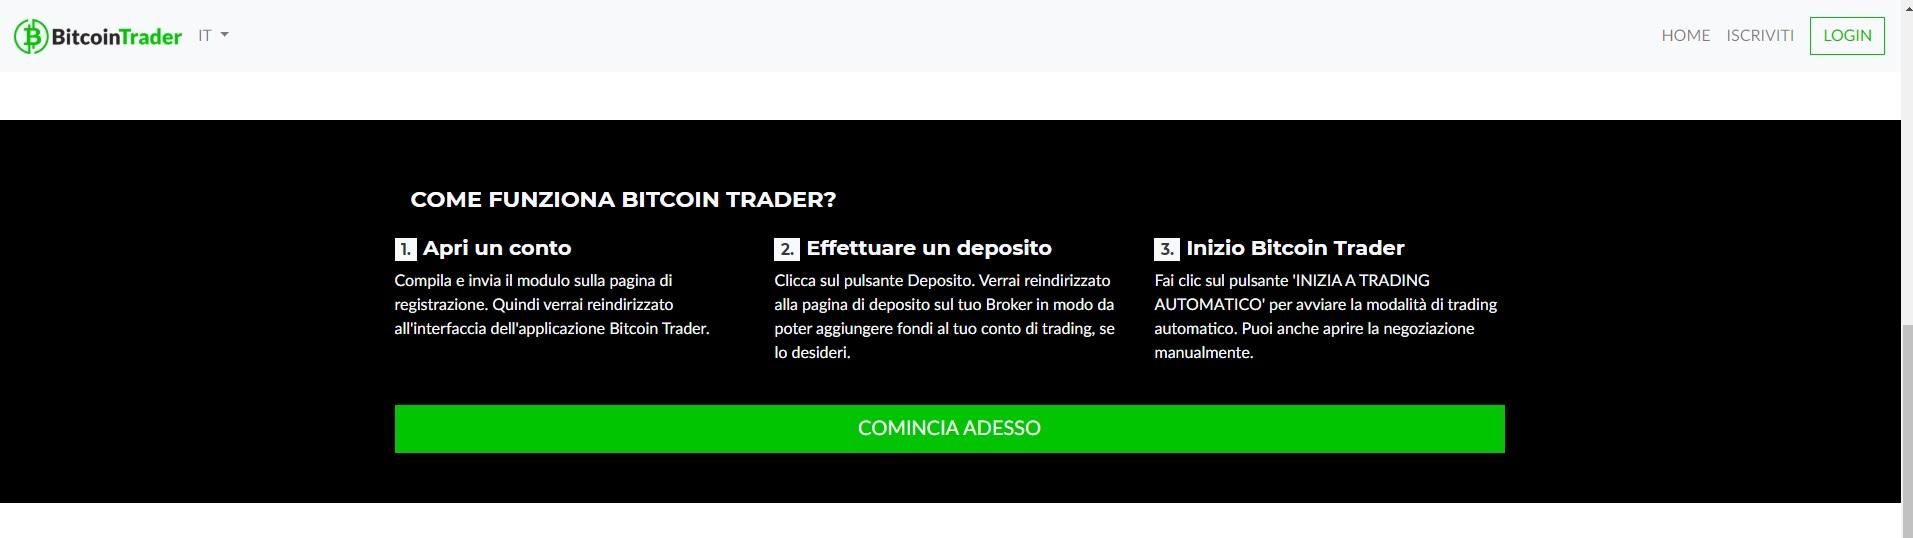 Examen de Bitcoin Trader: arnaque ou non? Les résultats dévoilés - Image